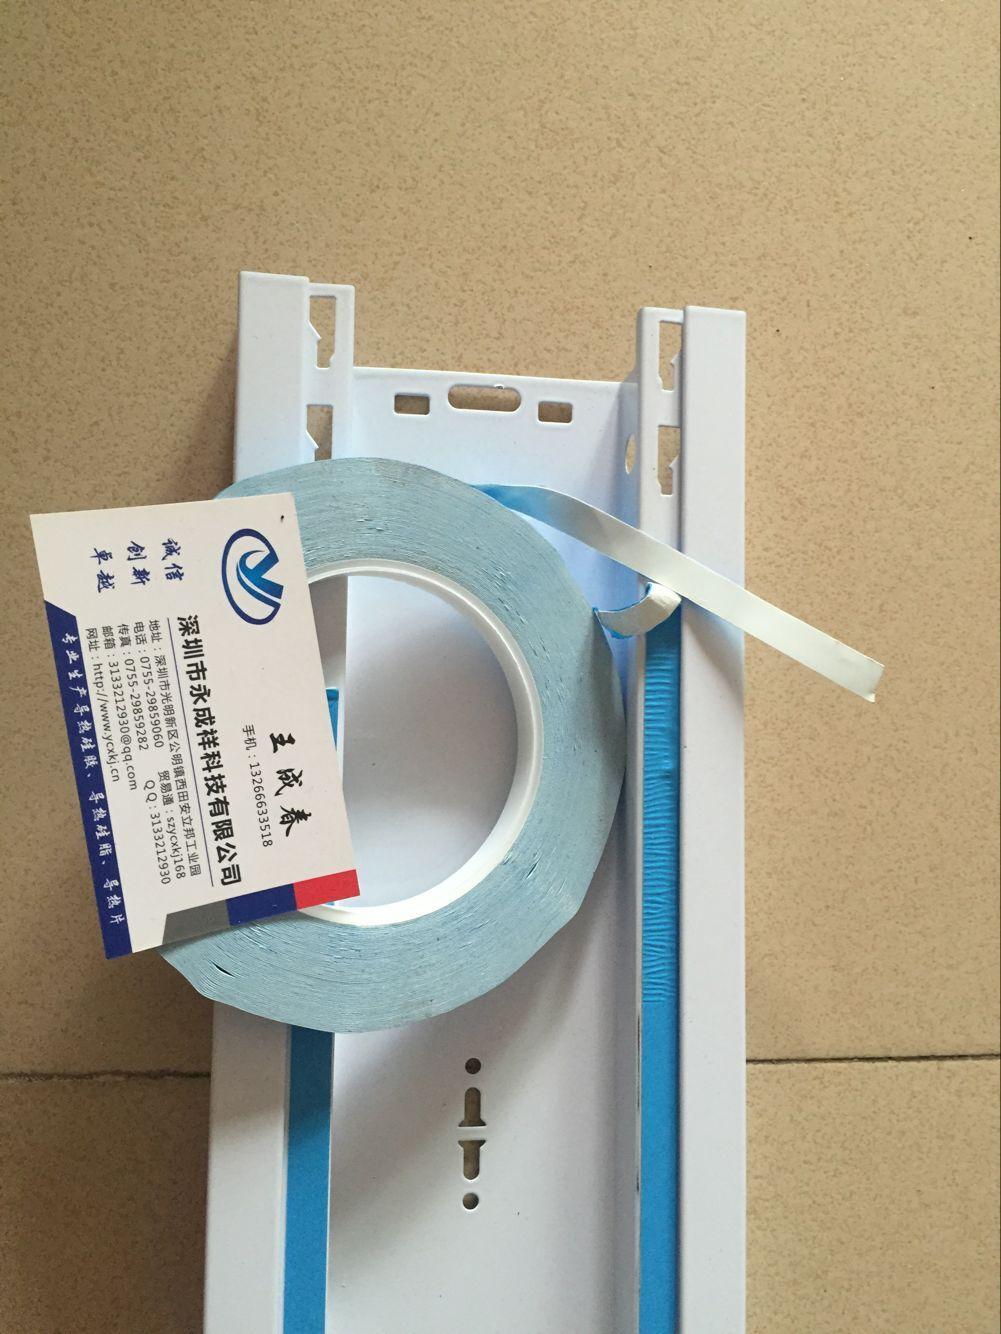 江苏导热双面胶就选永成祥品牌高温导热胶带面板灯用导热胶带